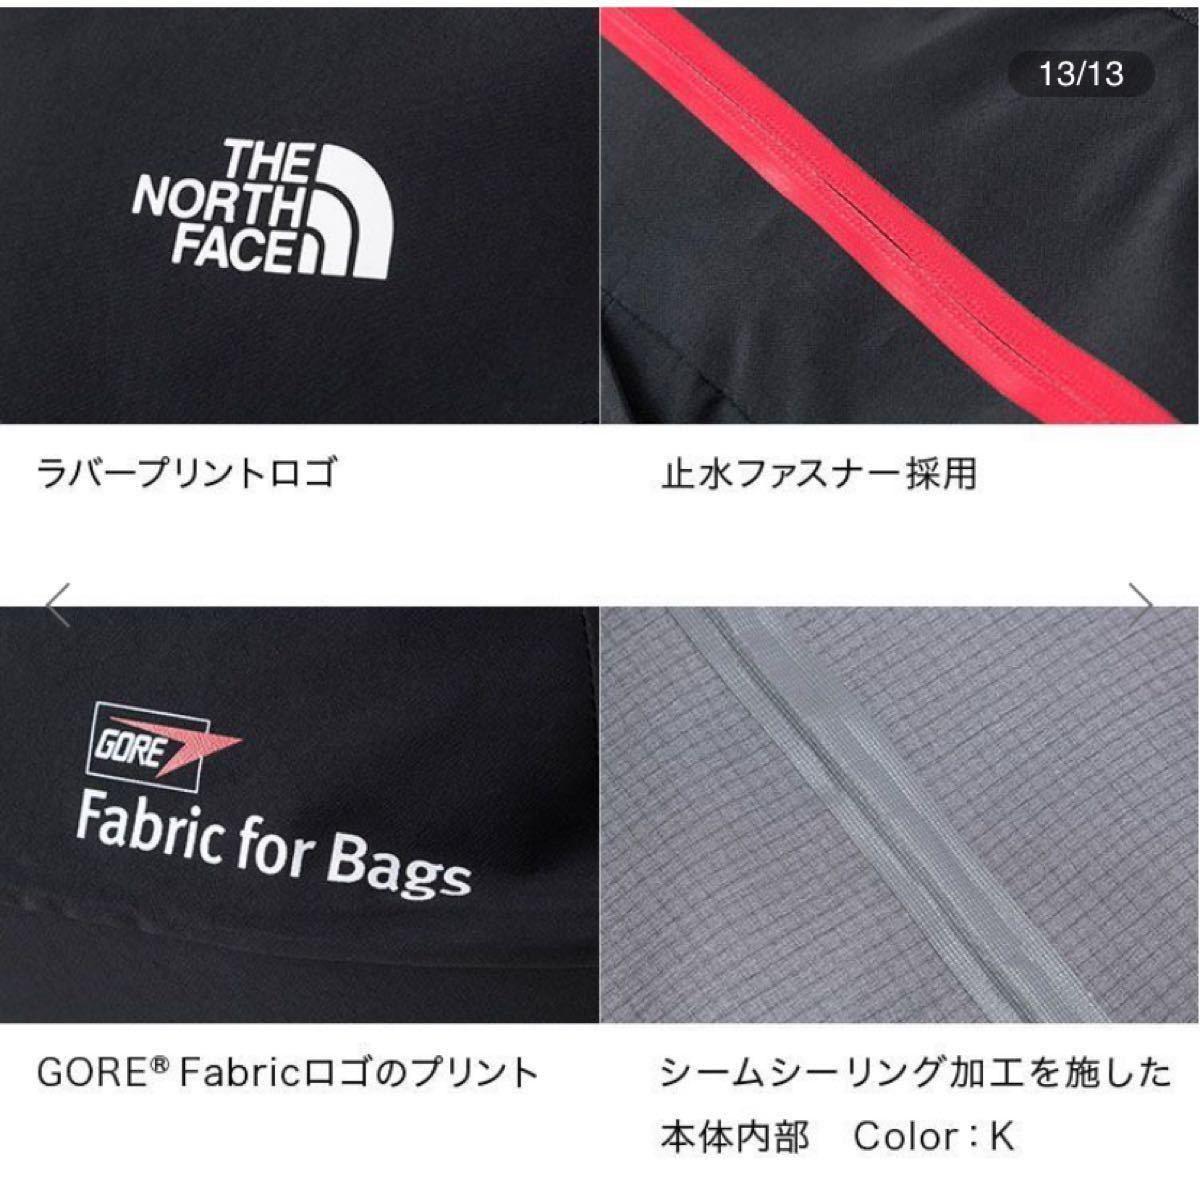 THE NORTH FACE GR ザ ノースフェイス ジーアール バックパック NM61817 日本限定モデル 防水 梅雨に最適